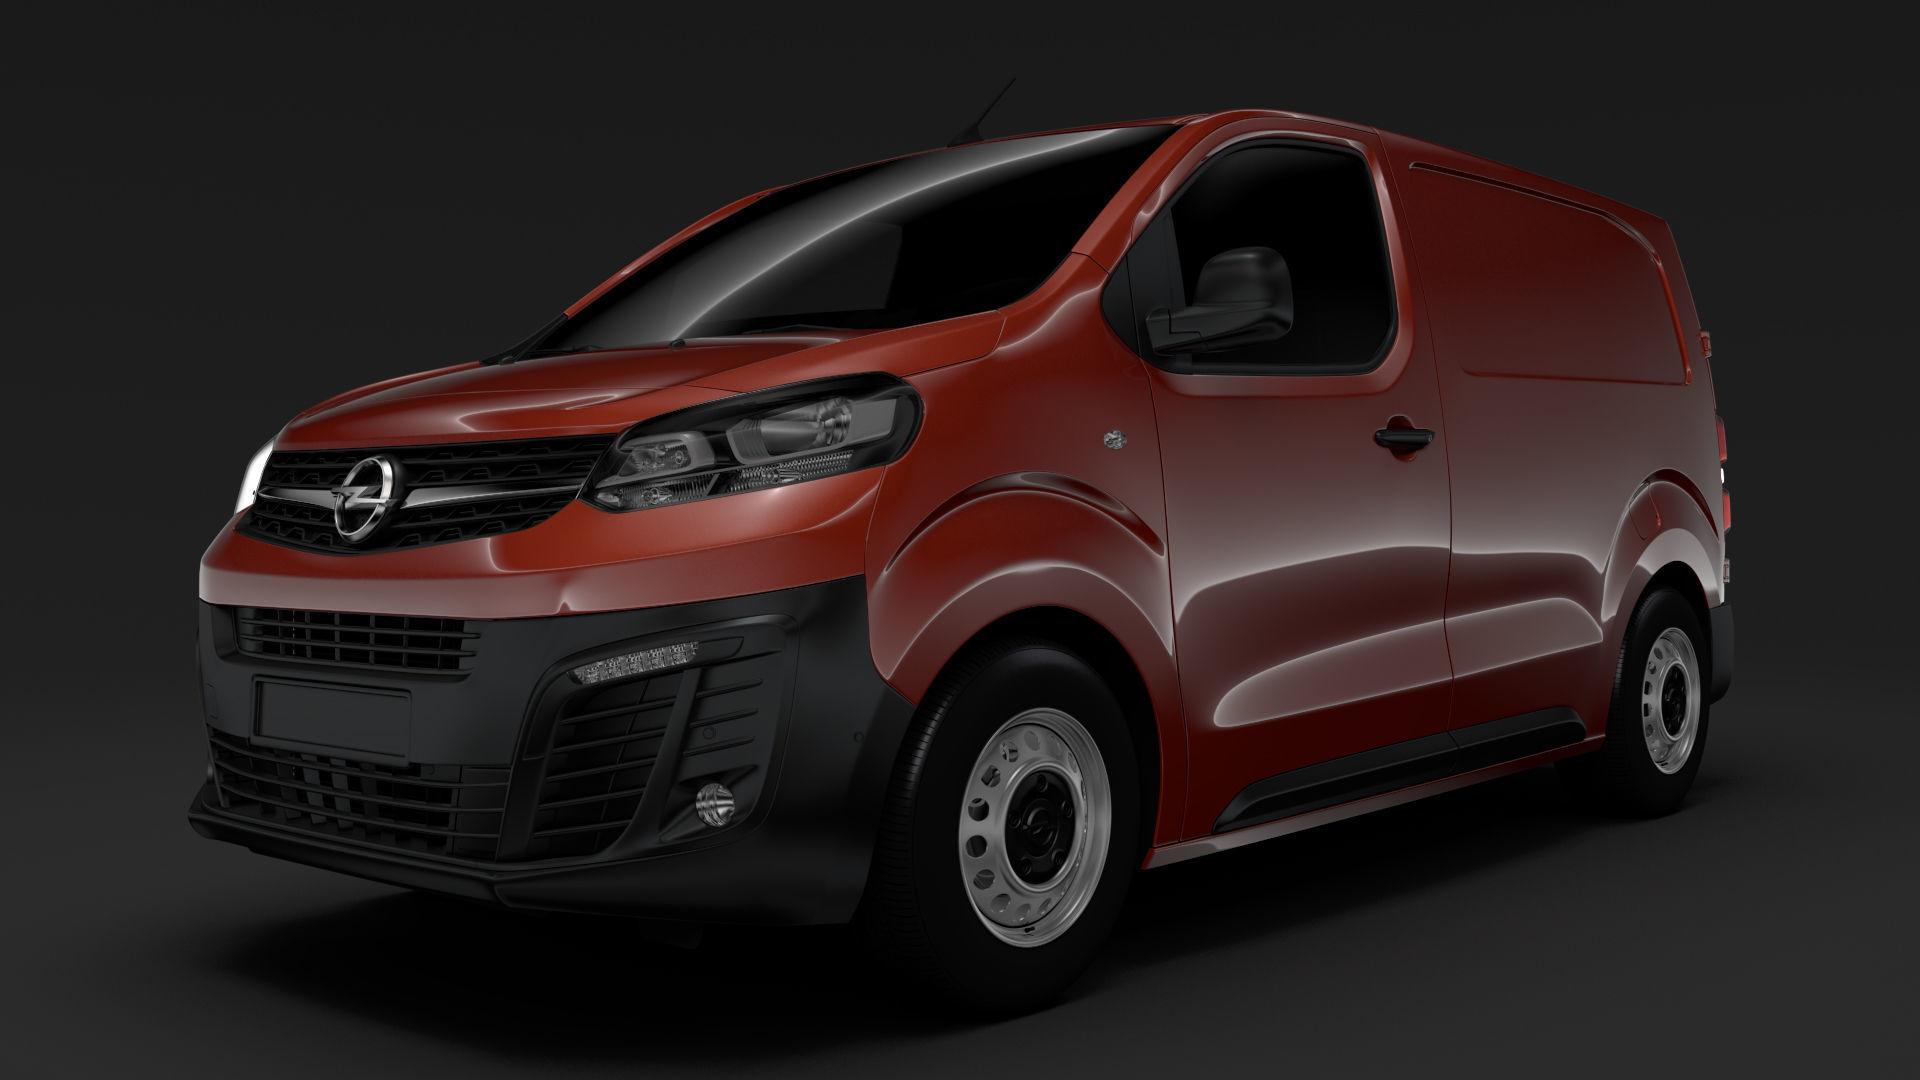 Opel Vivaro Van L1 2020 3d Cgtrader